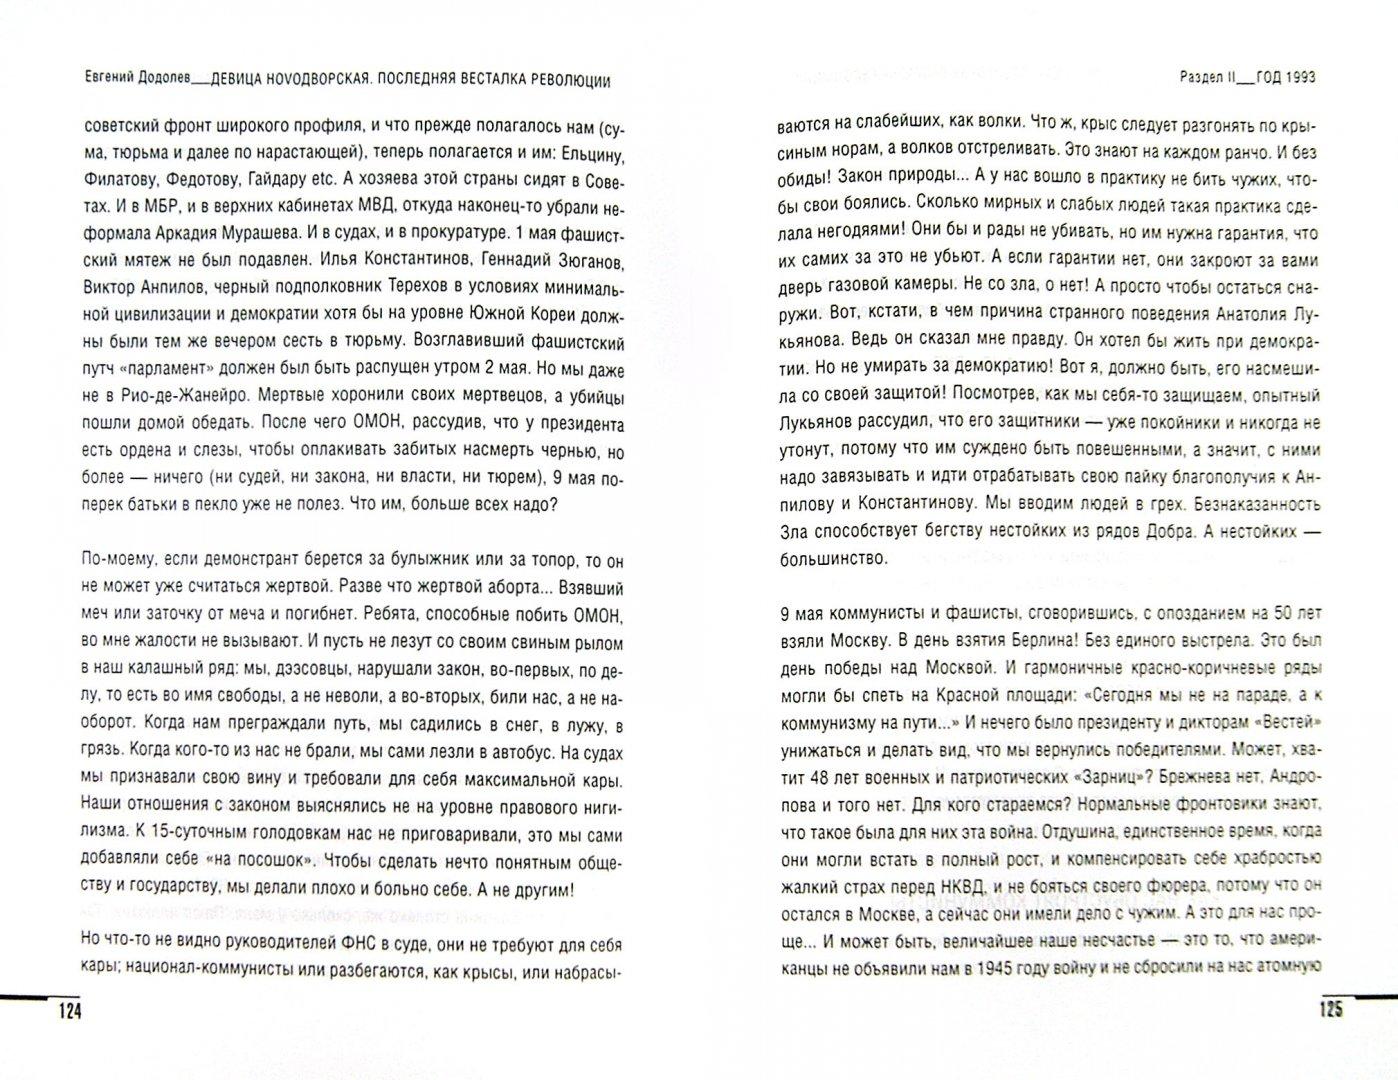 Иллюстрация 1 из 8 для Девица Ноvoдворская. Последняя весталка революции - Евгений Додолев | Лабиринт - книги. Источник: Лабиринт